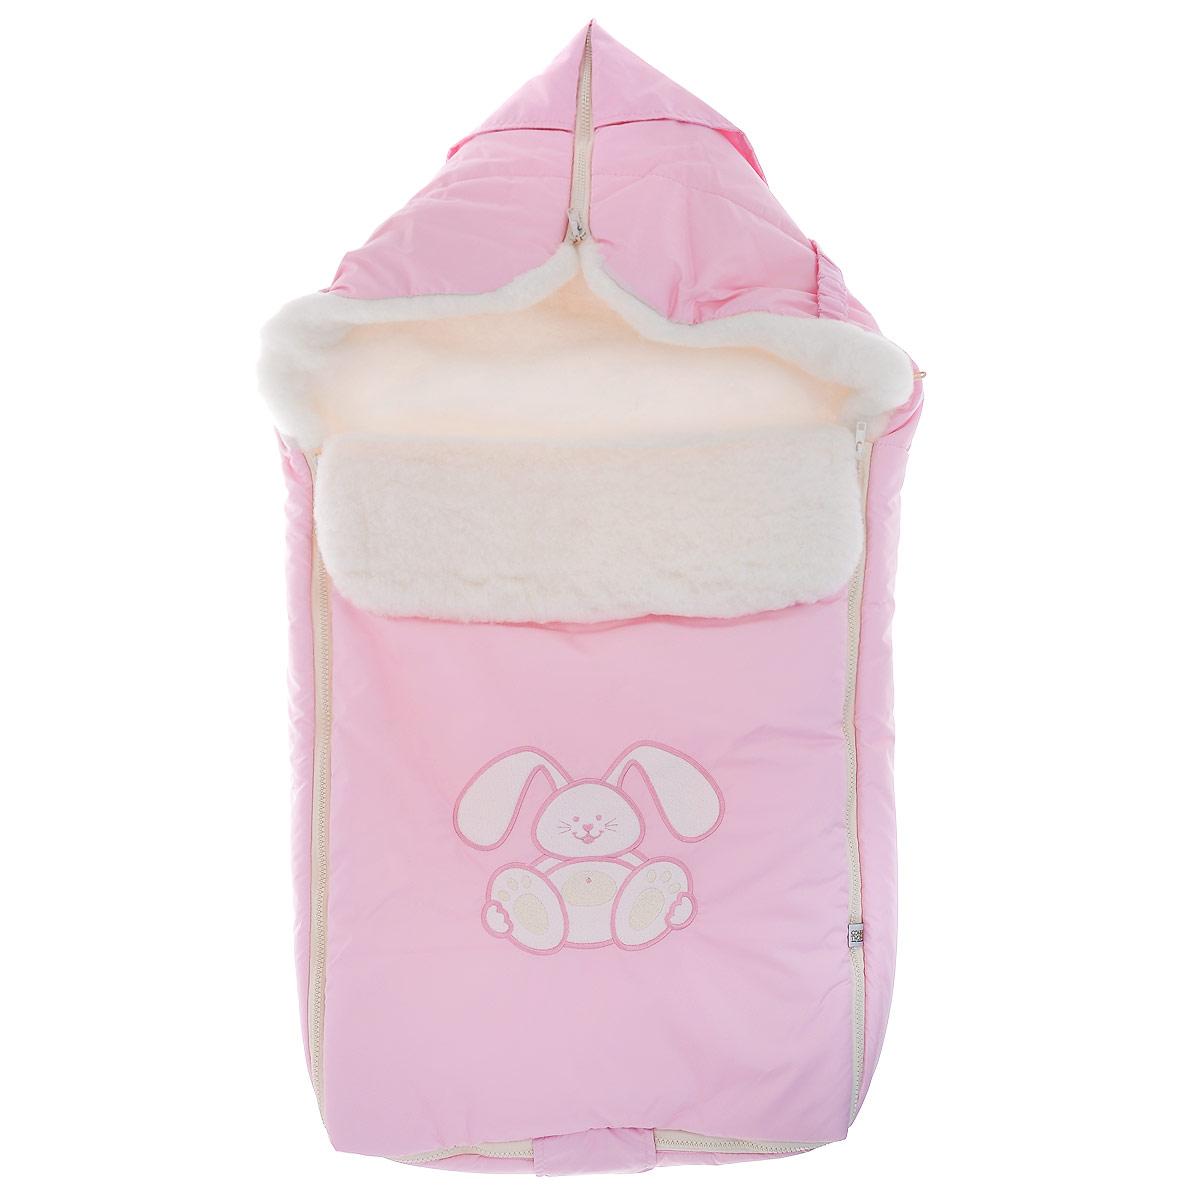 Конверт для новорожденного Сонный Гномик Зайчик, цвет: розовый. 969/2. Возраст 0/9 месяцев969/2Теплый конверт для новорожденного Сонный Гномик Зайчик идеально подойдет для ребенка в холодное время года. Конверт изготовлен из водоотталкивающей и ветрозащитной ткани Dewspo (100% полиэстер) на подкладке из шерсти с добавлением полиэстера. В качестве утеплителя используется шелтер (100% полиэстер).Шелтер (Shelter) - утеплитель нового поколения с тонкими волокнами. Его более мягкие ячейки лучше удерживают воздух, эффективнее сохраняя тепло. Более частые связи между волокнами делают утеплитель прочным и позволяют сохранить его свойства даже после многократных стирок. Утеплитель шелтер максимально защищает от холода и не стесняет движений.Верхняя часть конверта может использоваться в качестве капюшона в ветреную или холодную погоду и надеваться на спинку коляски благодаря эластичным ремешкам и вставке. С помощью застежки-молнии верх принимает вид треугольного капюшона. Пластиковая застежка-молния по бокам и нижнему краю изделия помогает с легкостью доставать малыша из конверта, не тревожа его сон. Модель раскладывается на два отдельных коврика. Спереди предусмотрен отворот, фиксирующийся с помощью декоративных пуговиц. Оформлена модель аппликацией в виде забавного зайчика. Конверт заменит лишние теплые кофточки и штанишки, и, значит, свободу малыша ничто не будет ограничивать. Комфортный, удобный и практичный, этот конверт идеально подойдет для прогулок на свежем воздухе!